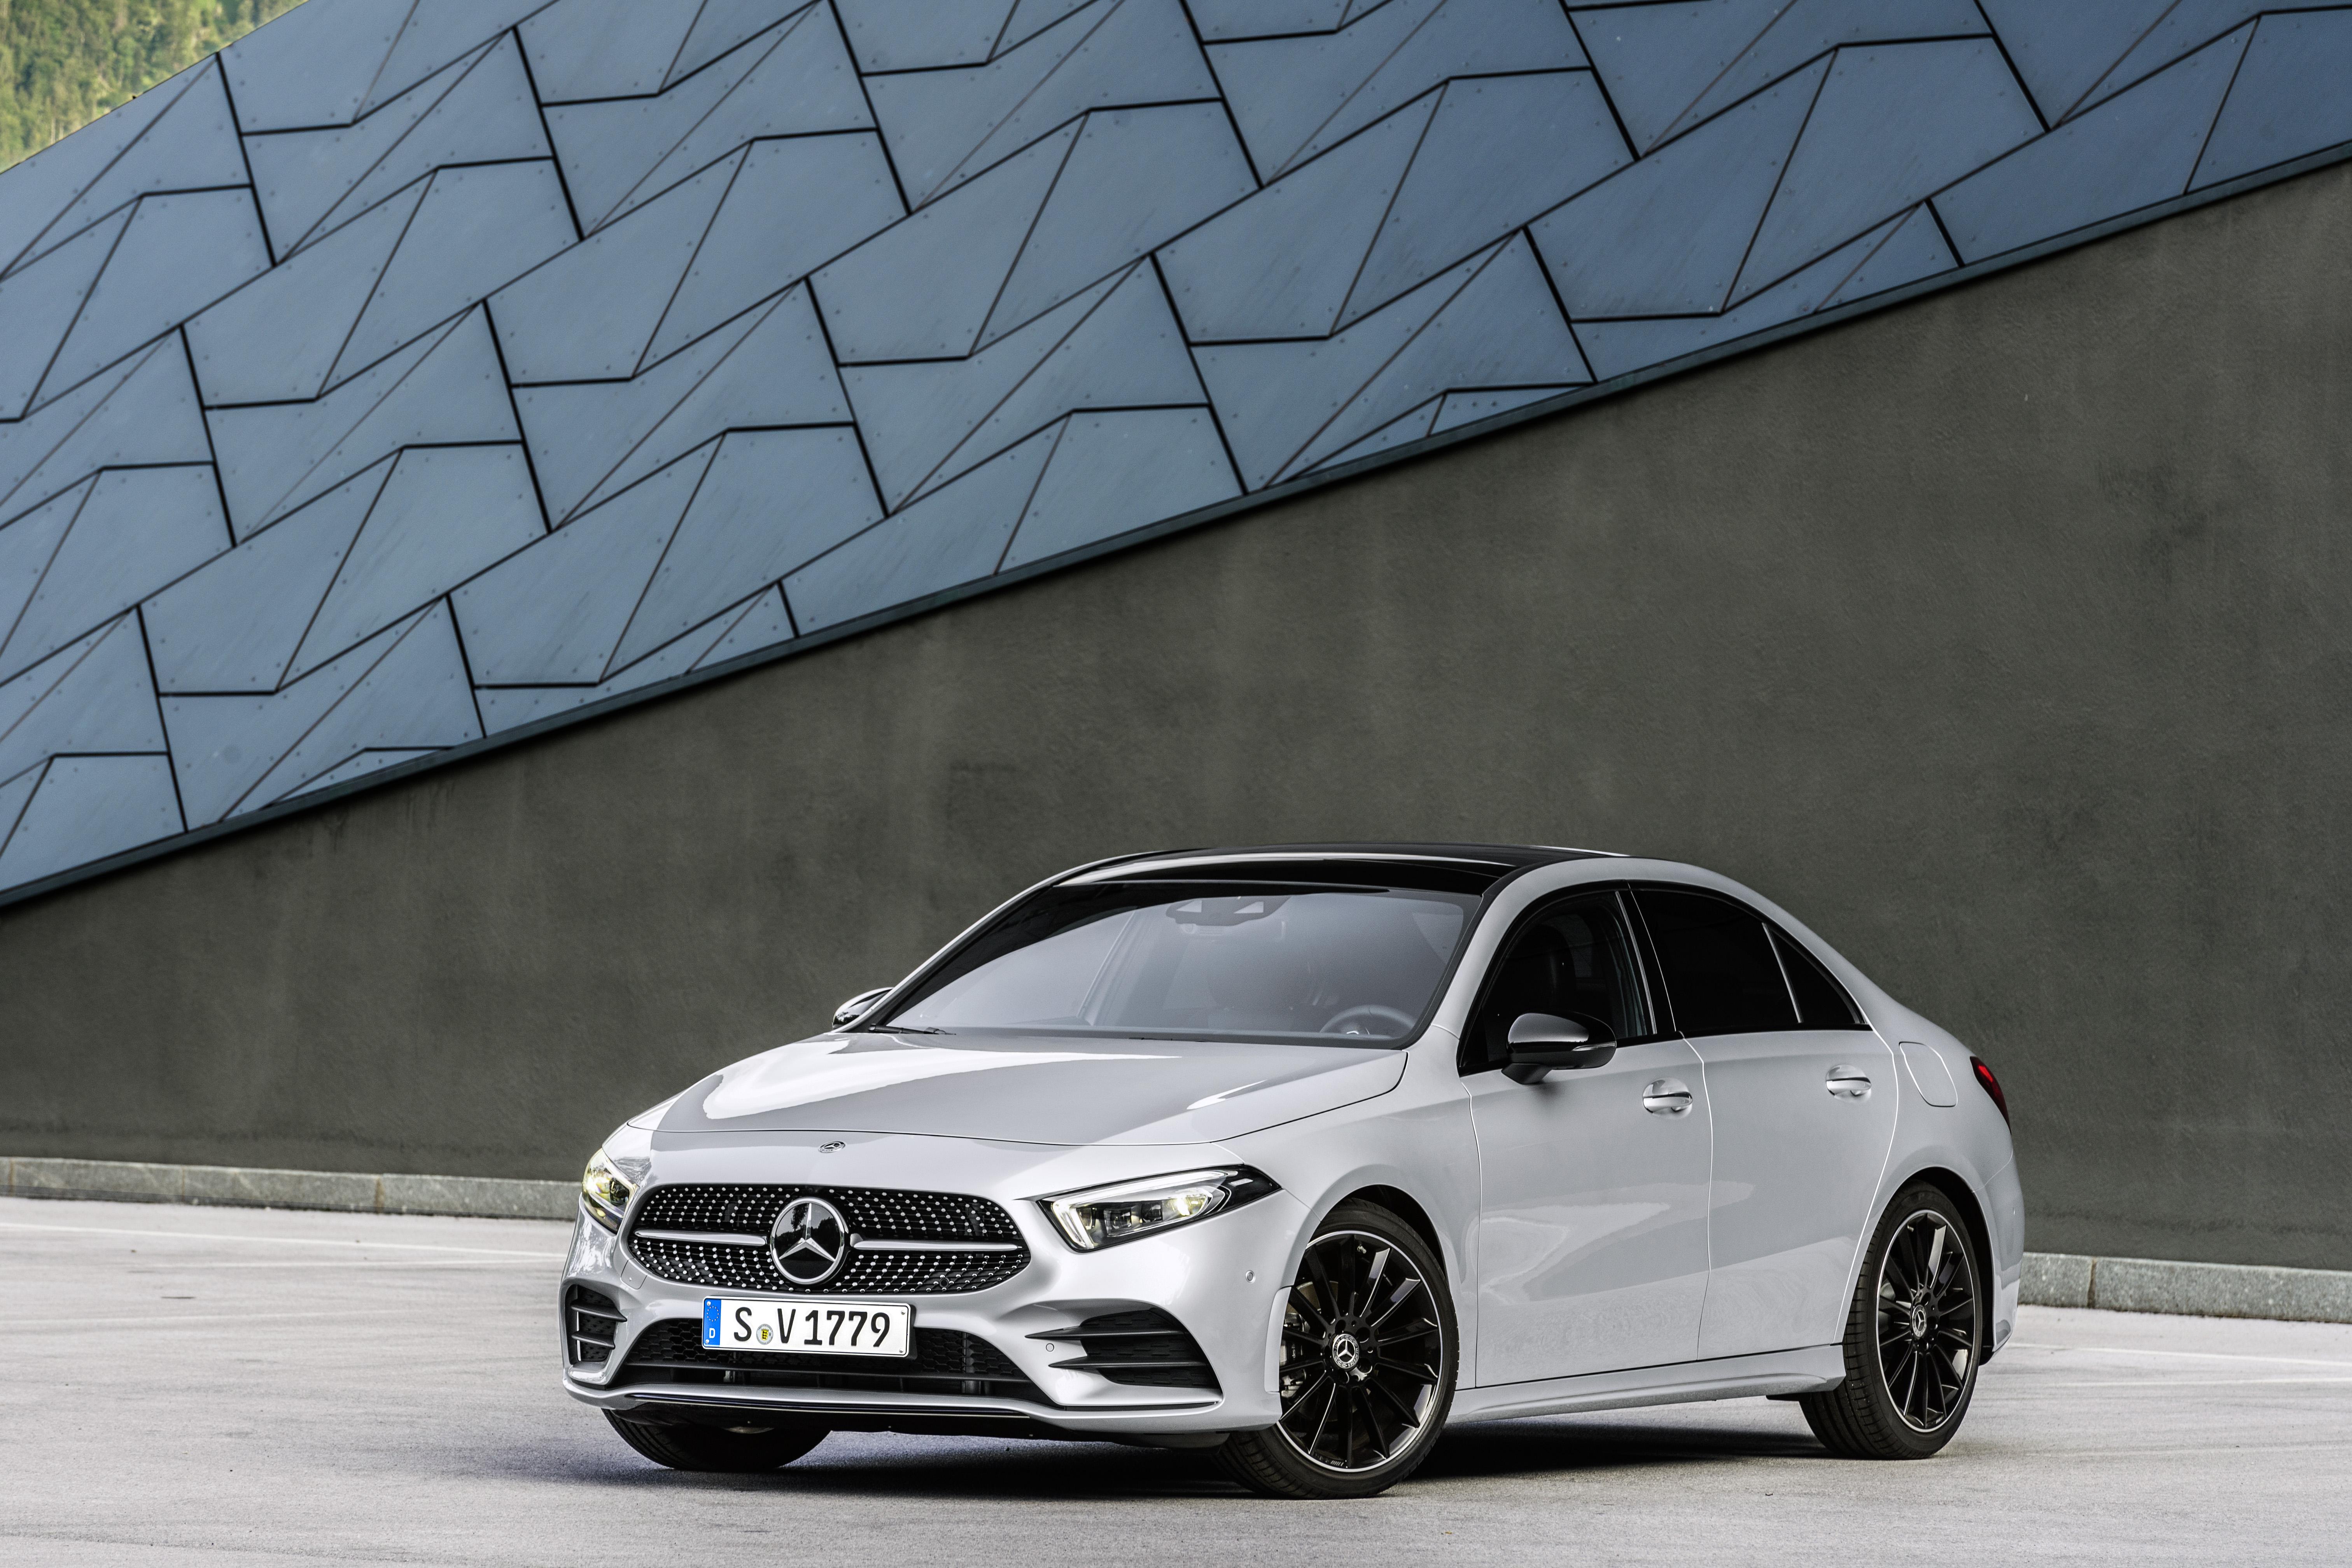 2019 Mercdes-Benz A-Class Sedan